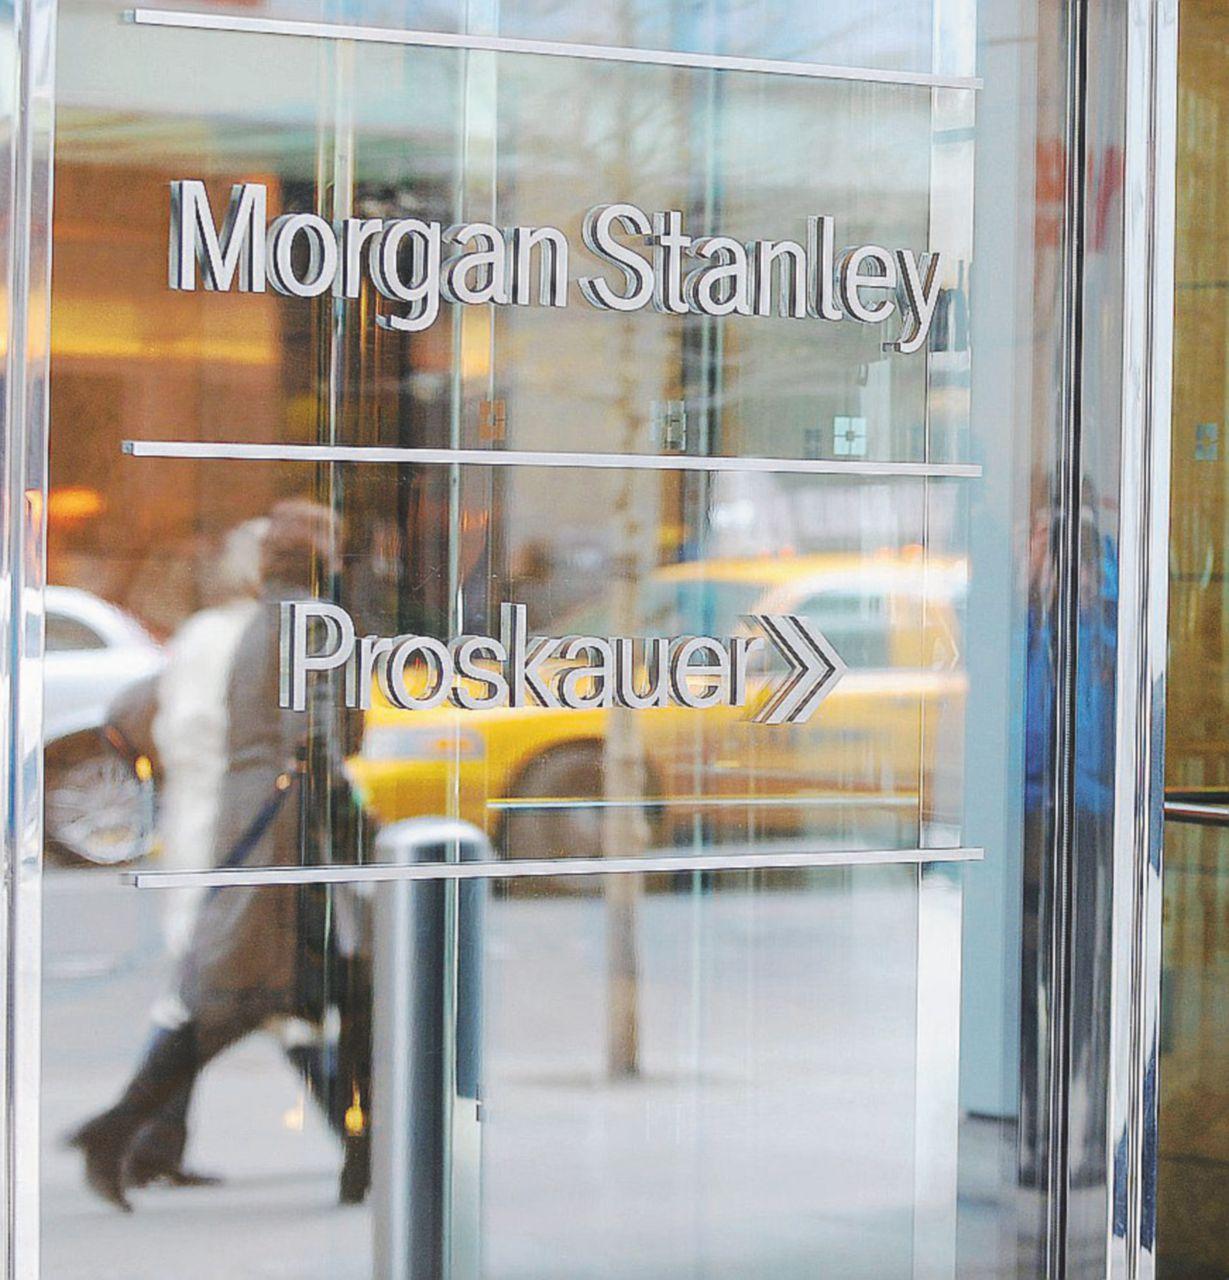 Derivati, la Corte dei conti chiude caso Morgan Stanley